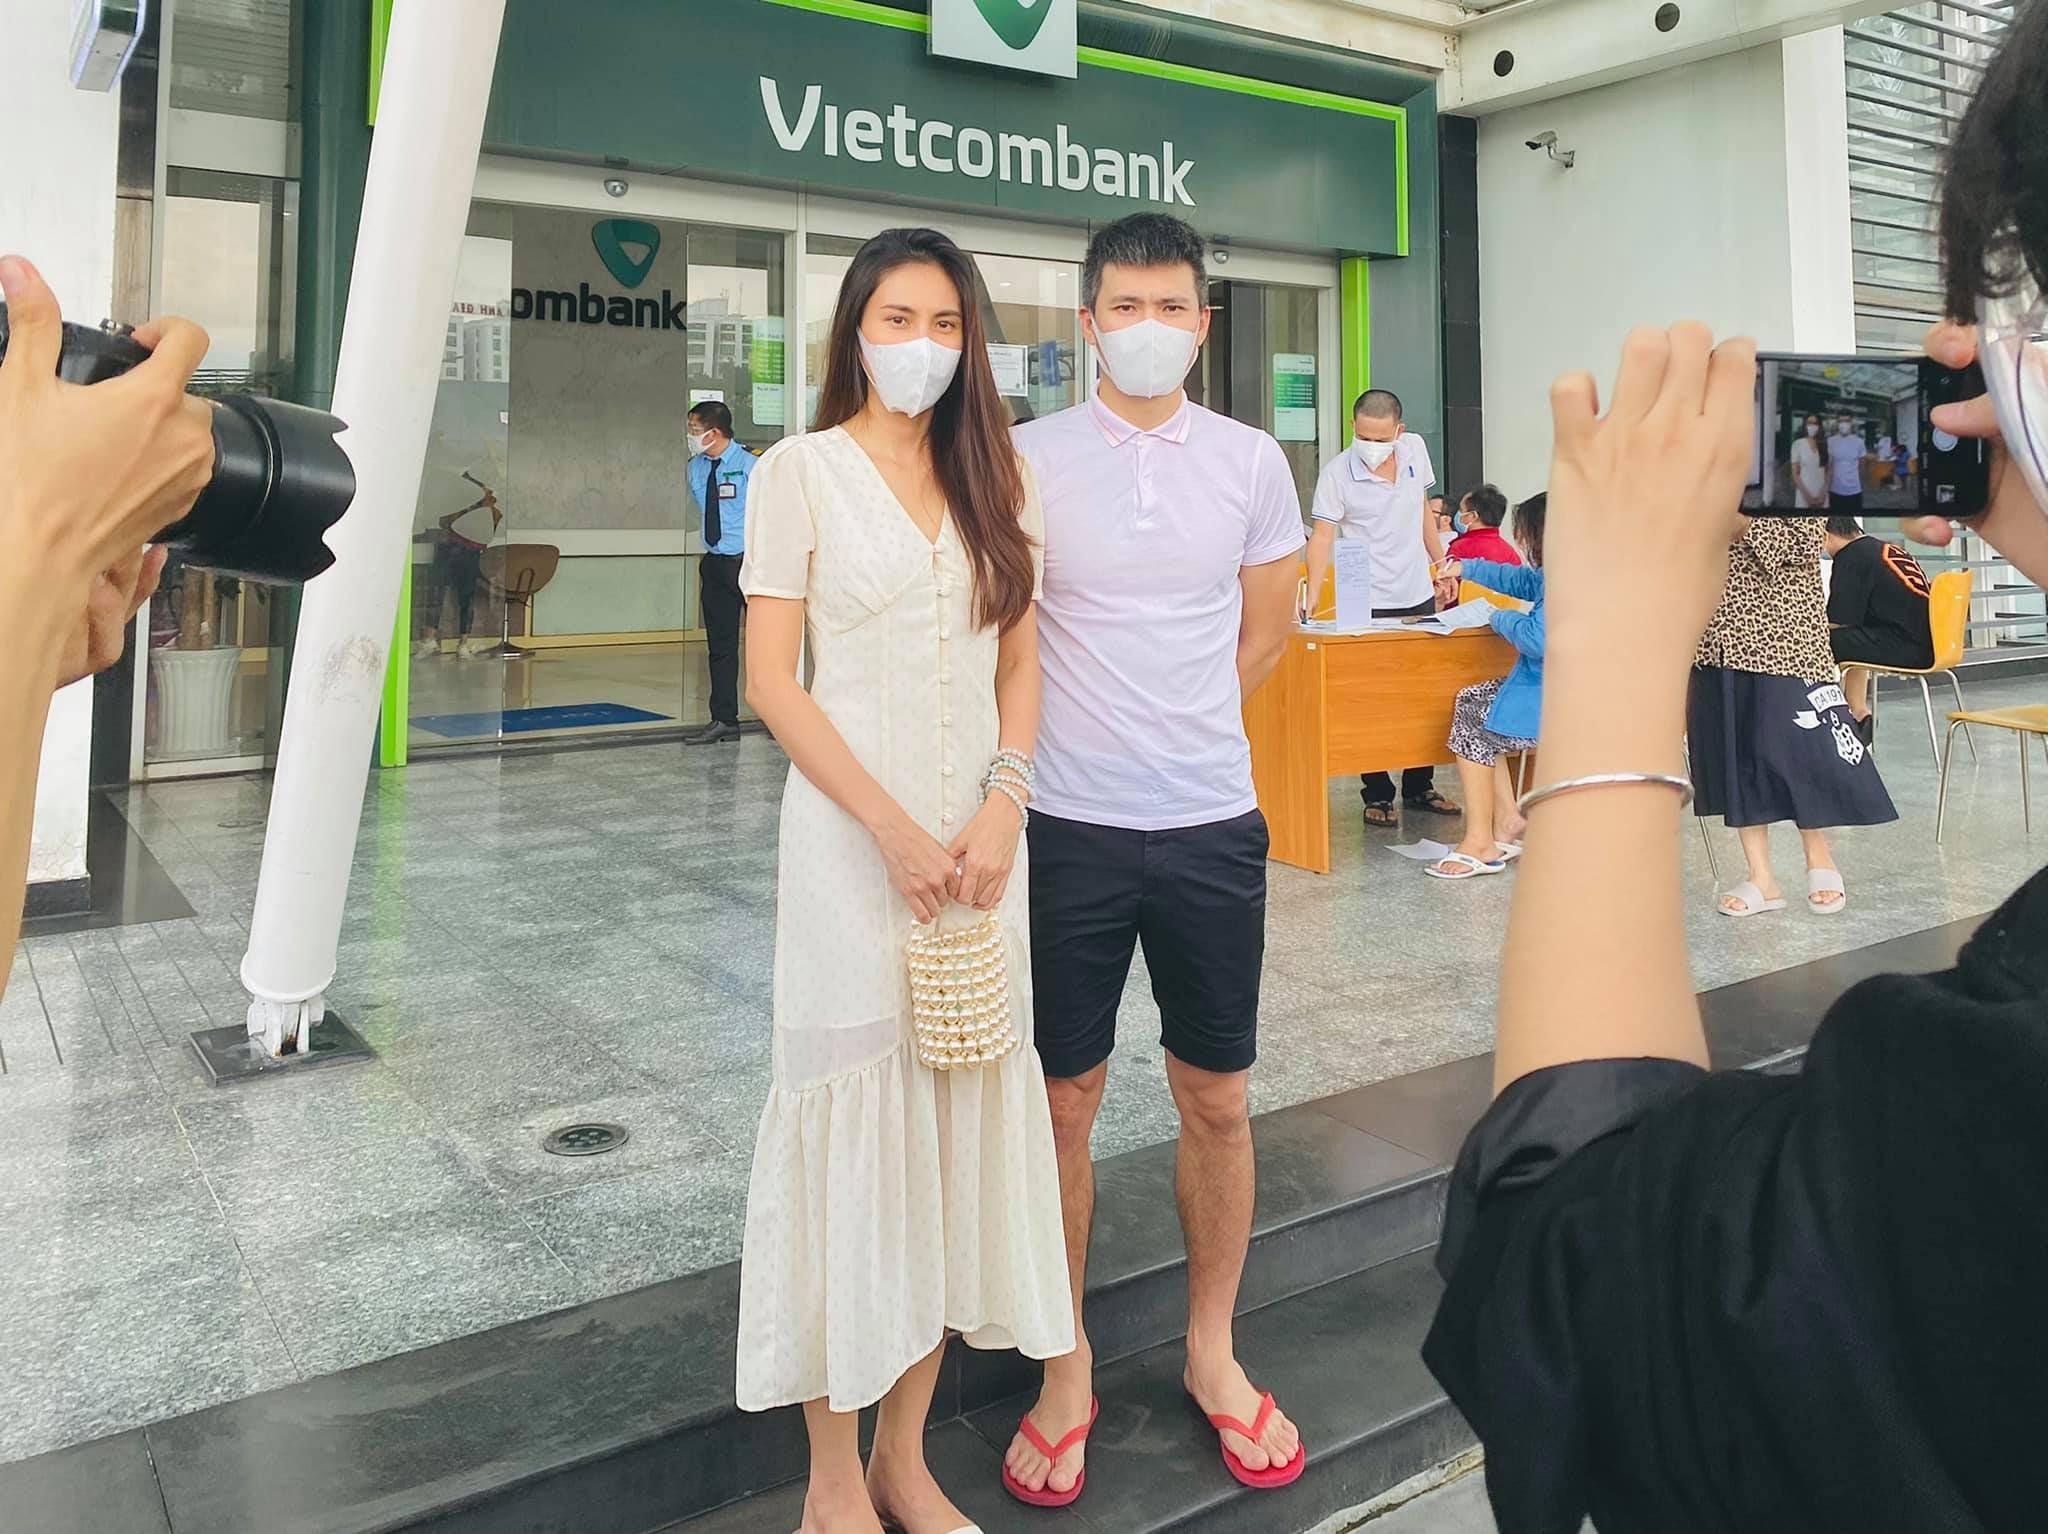 """Nóng: Facebooker tung bằng chứng nghi """"phốt"""" Thủy Tiên nợ 17 tỷ, sau 3 tháng từ thiện trả """"sạch bóng""""? - Netizen - Việt Giải Trí"""